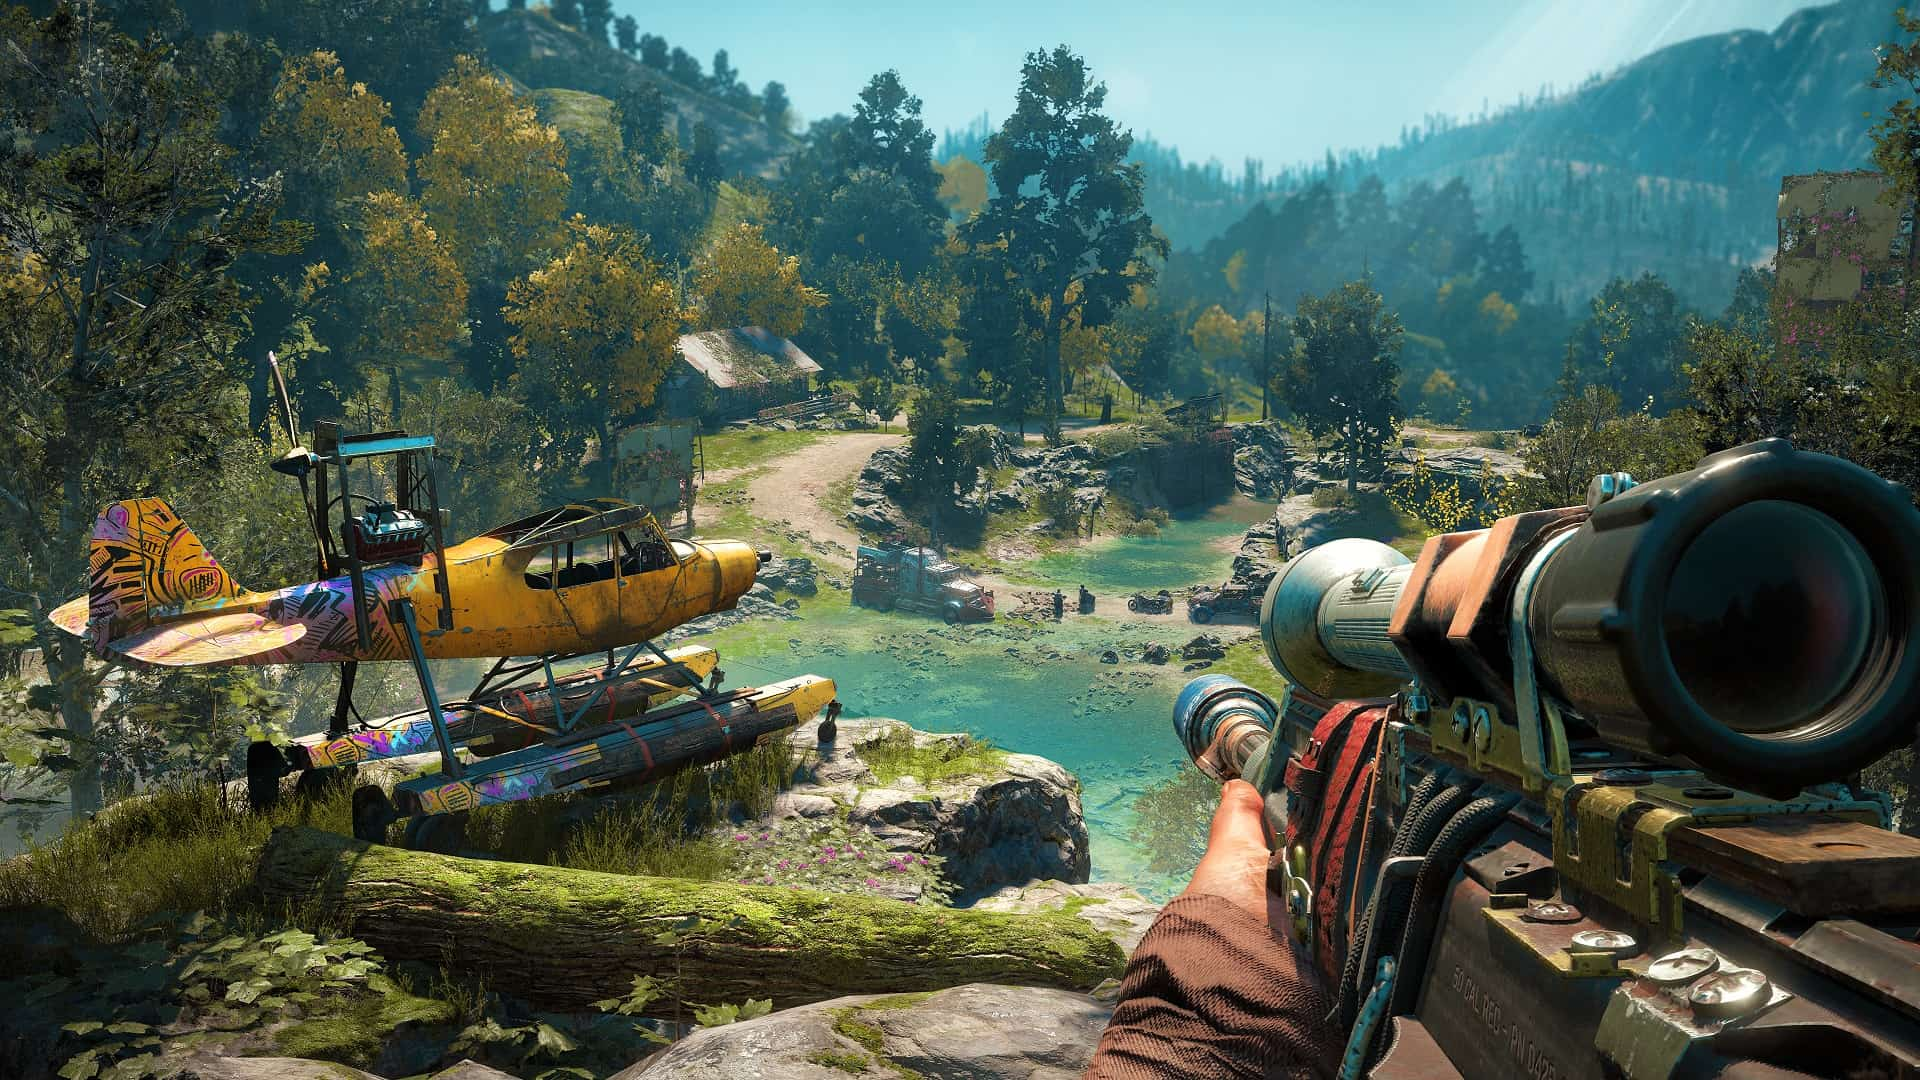 Far Cry New Dawn Setting